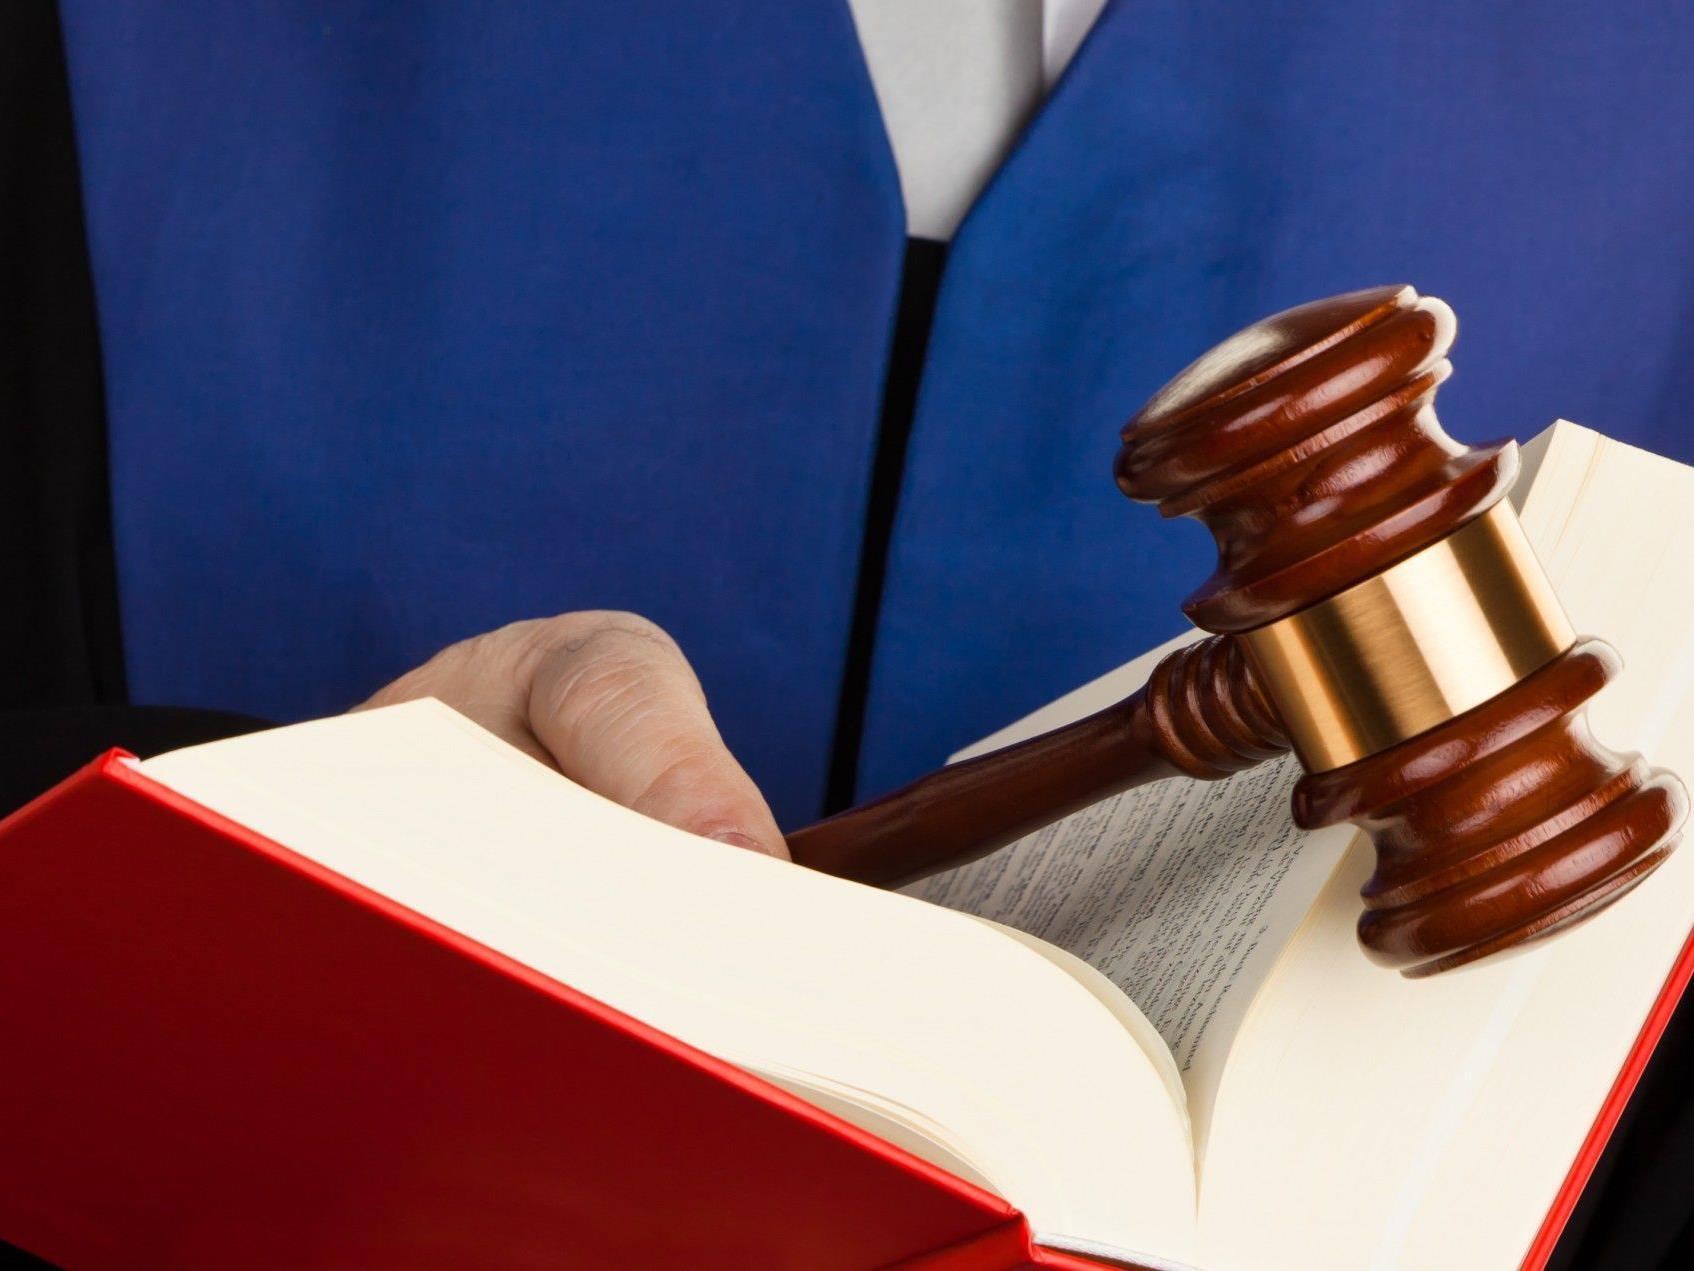 Der Richter entschied auf leichte Körperverletzung